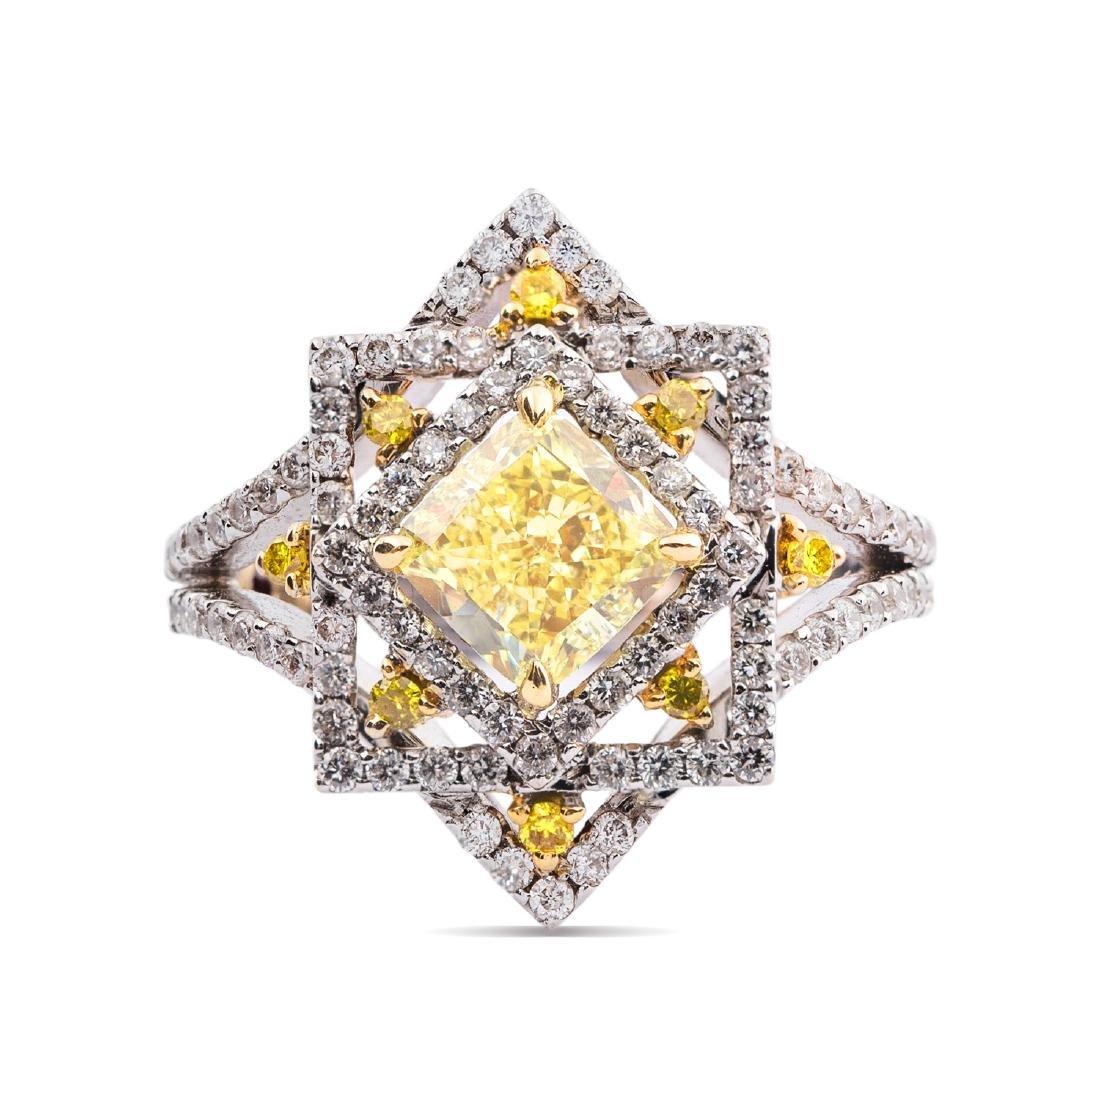 A GIA-certified fancy yellow diamond ring